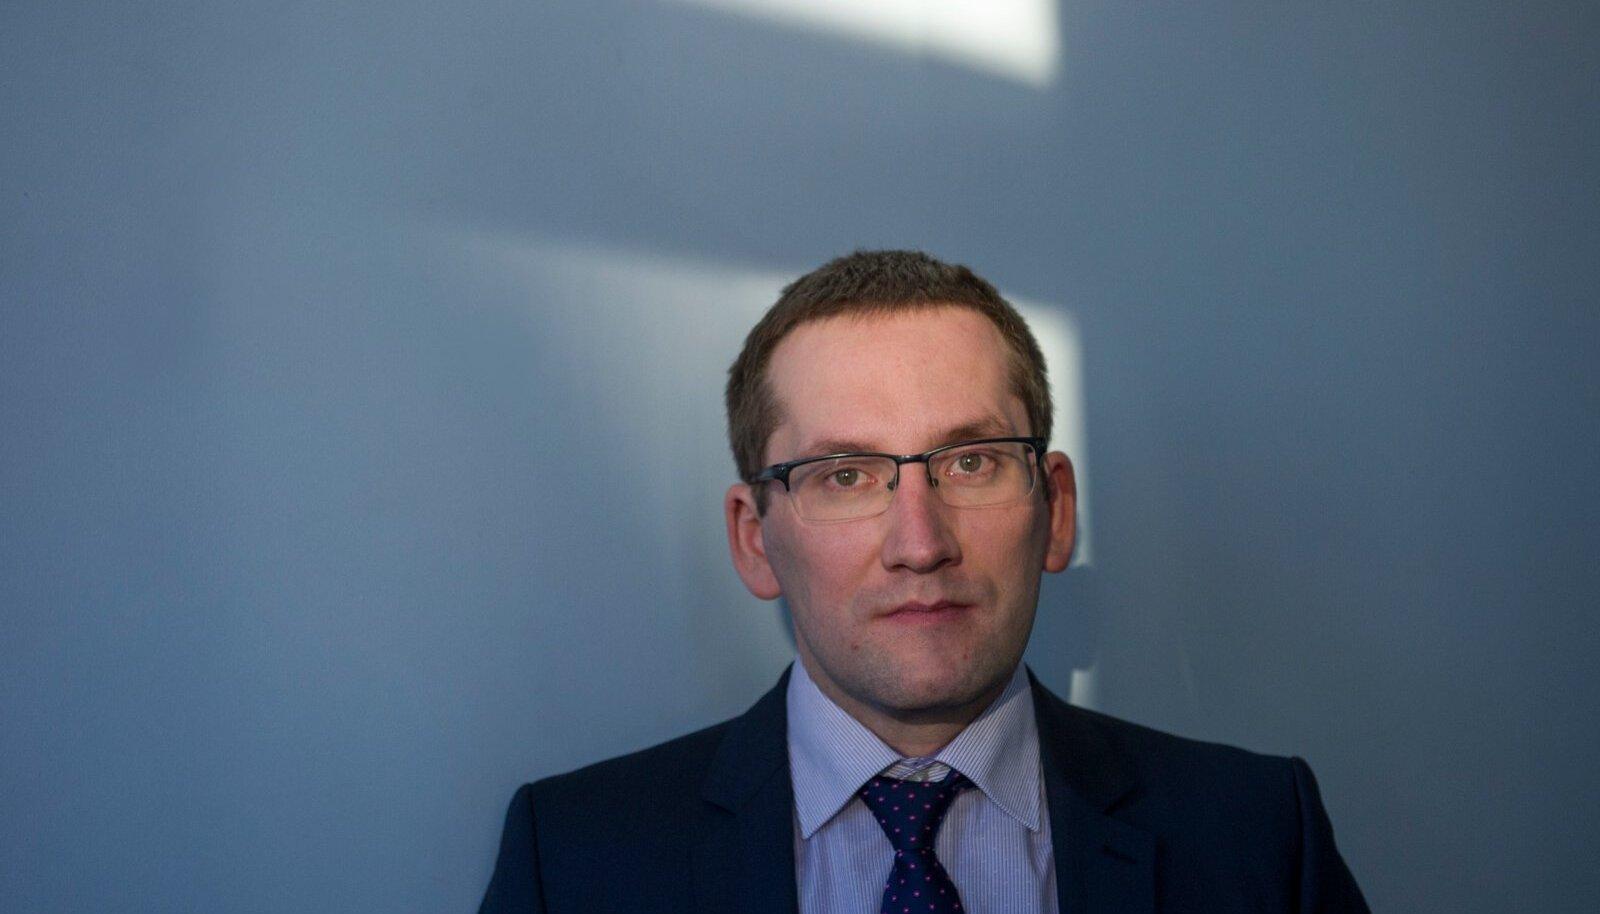 SALADUSED: riigiprokurör Taavi Pern otsustas Tederi, aga eriti Krachti tegevuse kohta kogutud tõendeid kaitsjate eest võimalikult palju varjata.